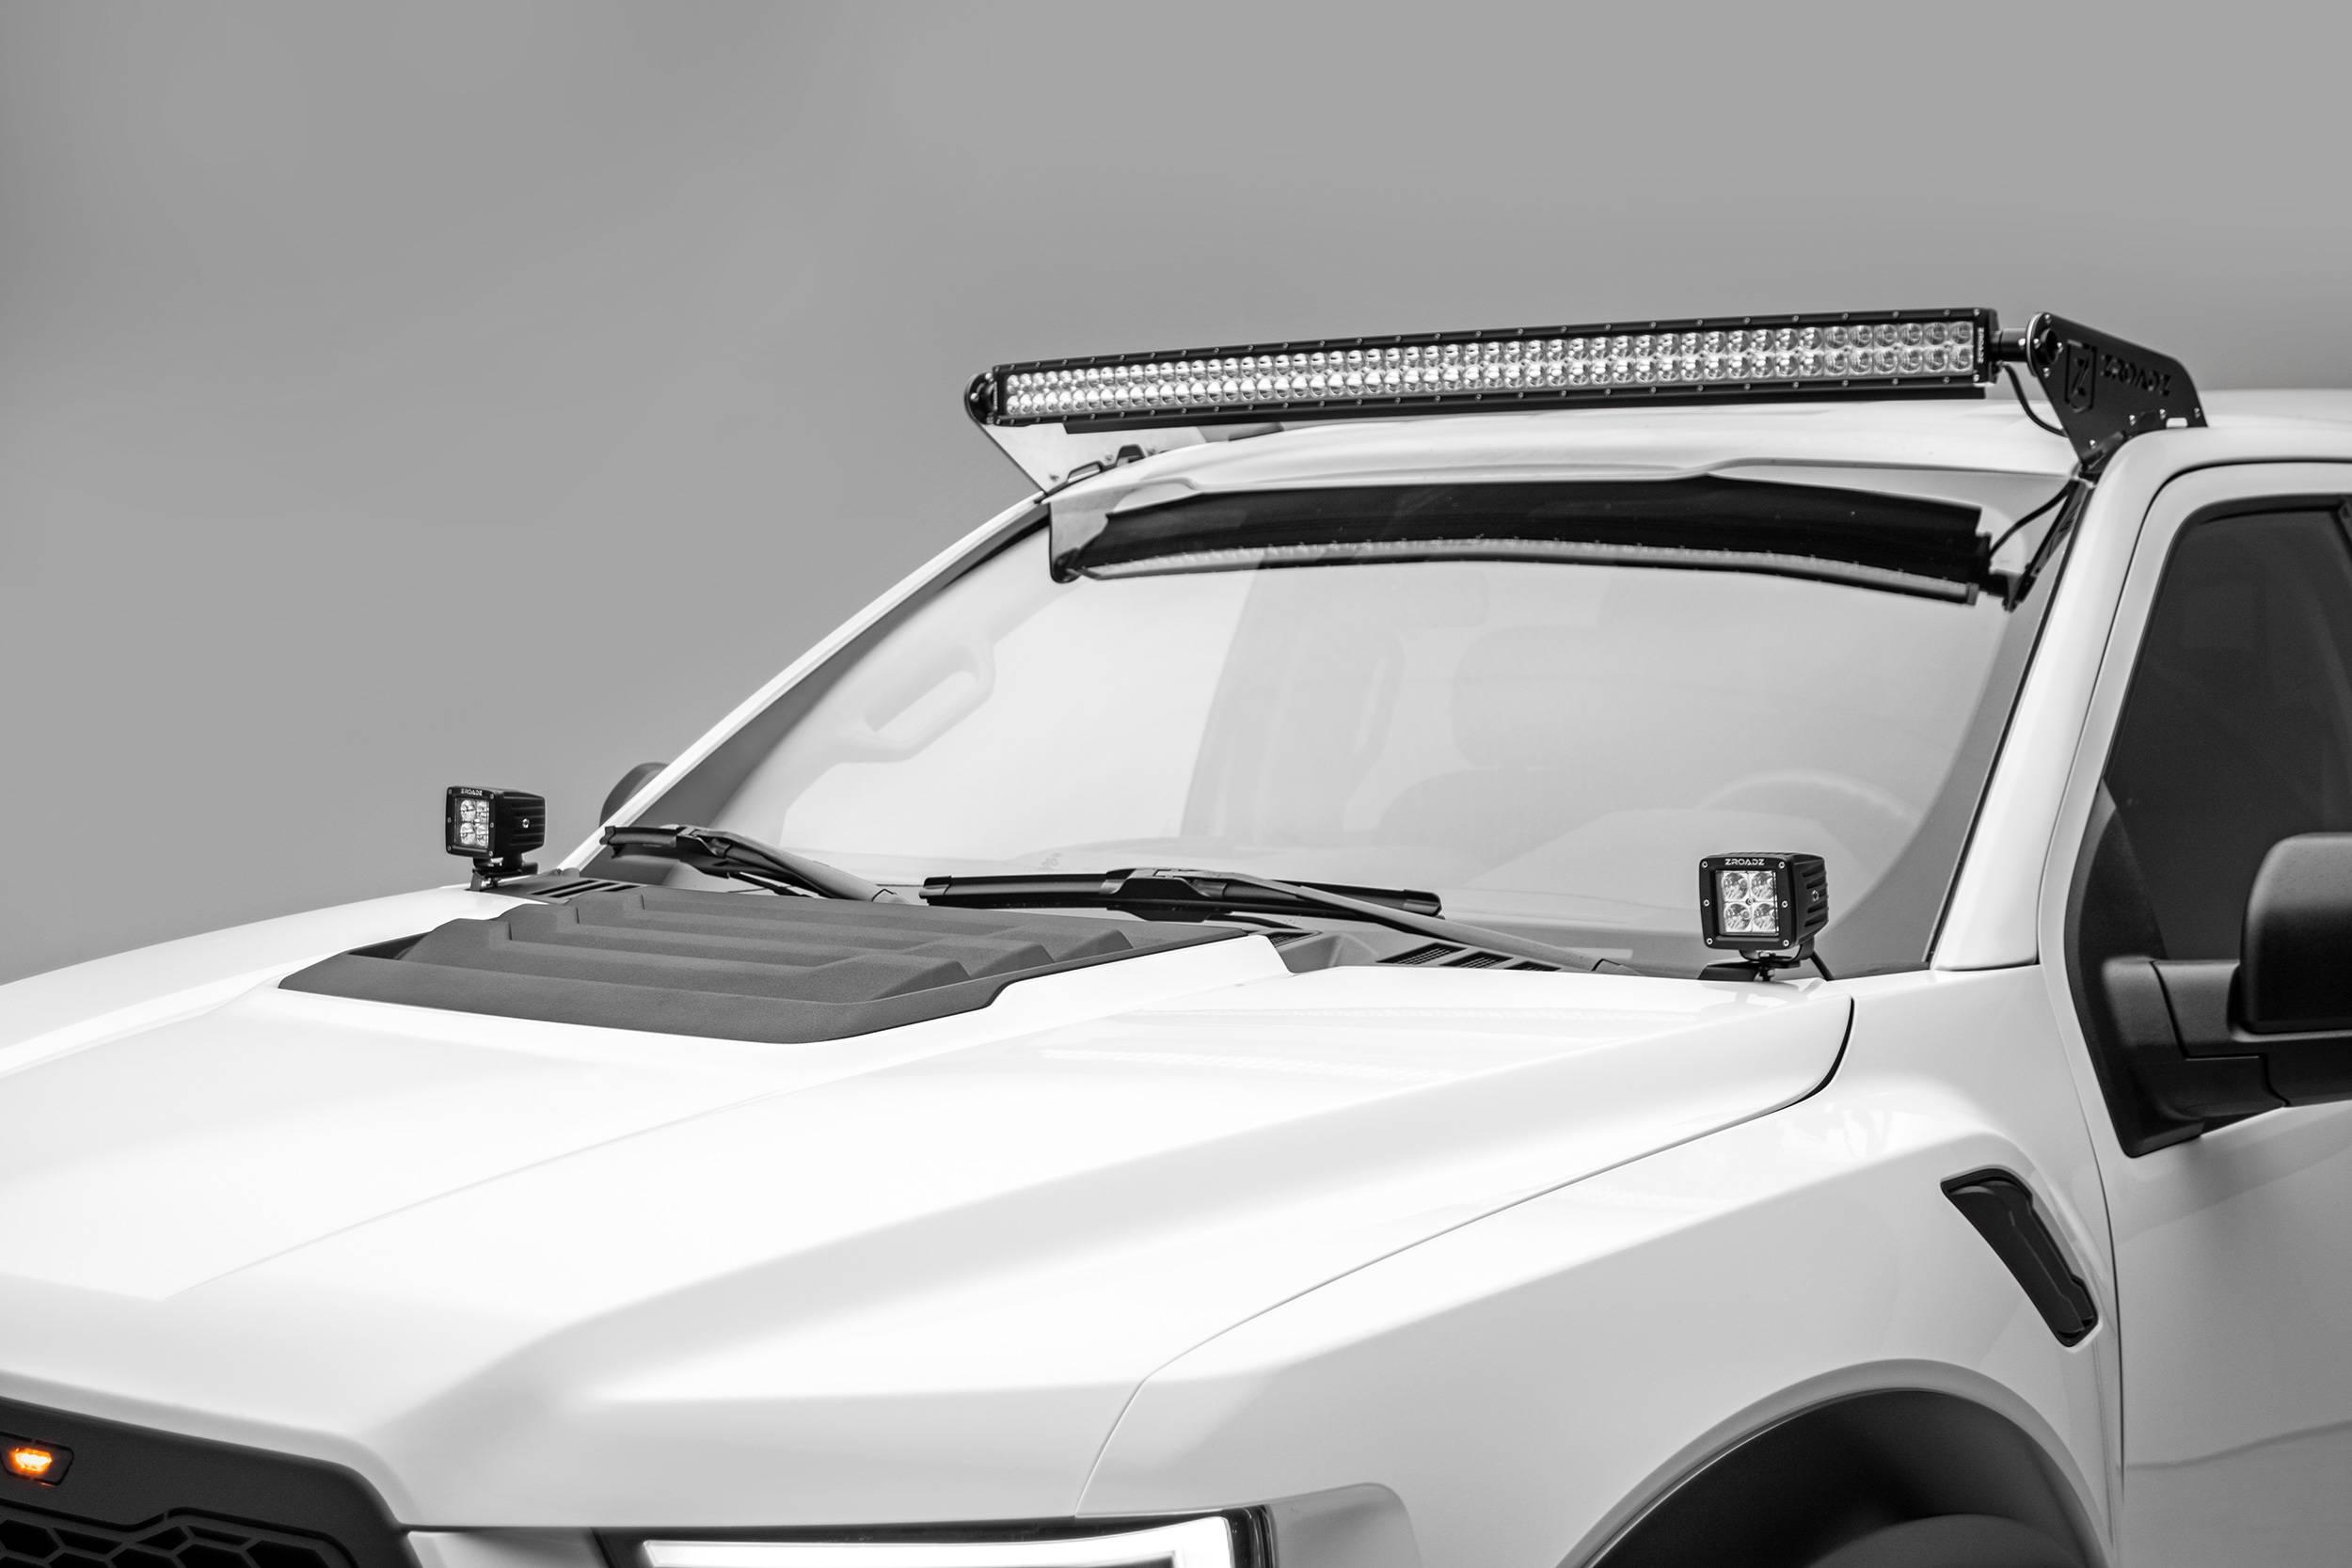 ZROADZ                                             - 2015-2020 Ford F-150, Raptor Front Roof LED Bracket to mount 52 Inch Curved LED Light Bar - PN #Z335662